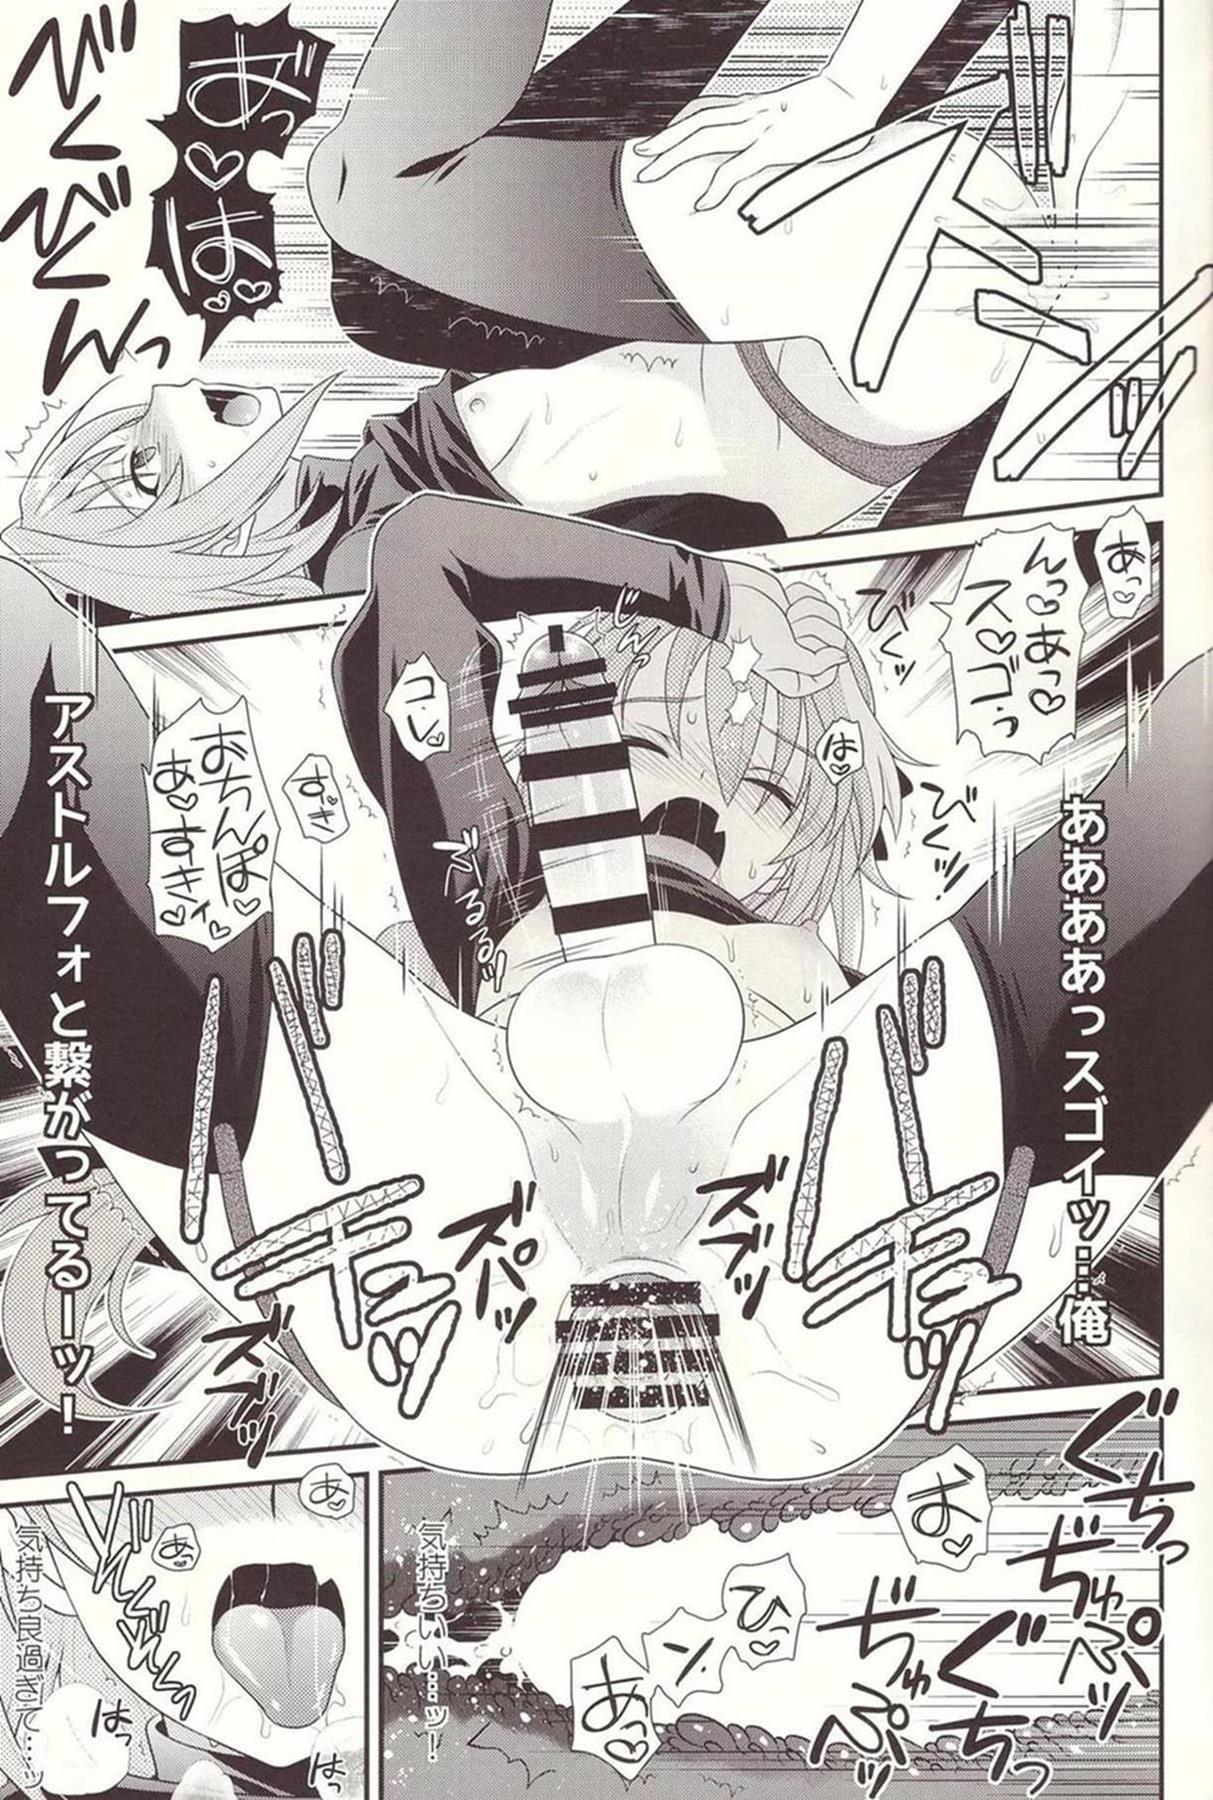 アストルフォのおちんちんがっ!!アストルフォの肛門の中にっっ!!繋がってる!!【FGO エロ漫画・エロ同人】 (12)